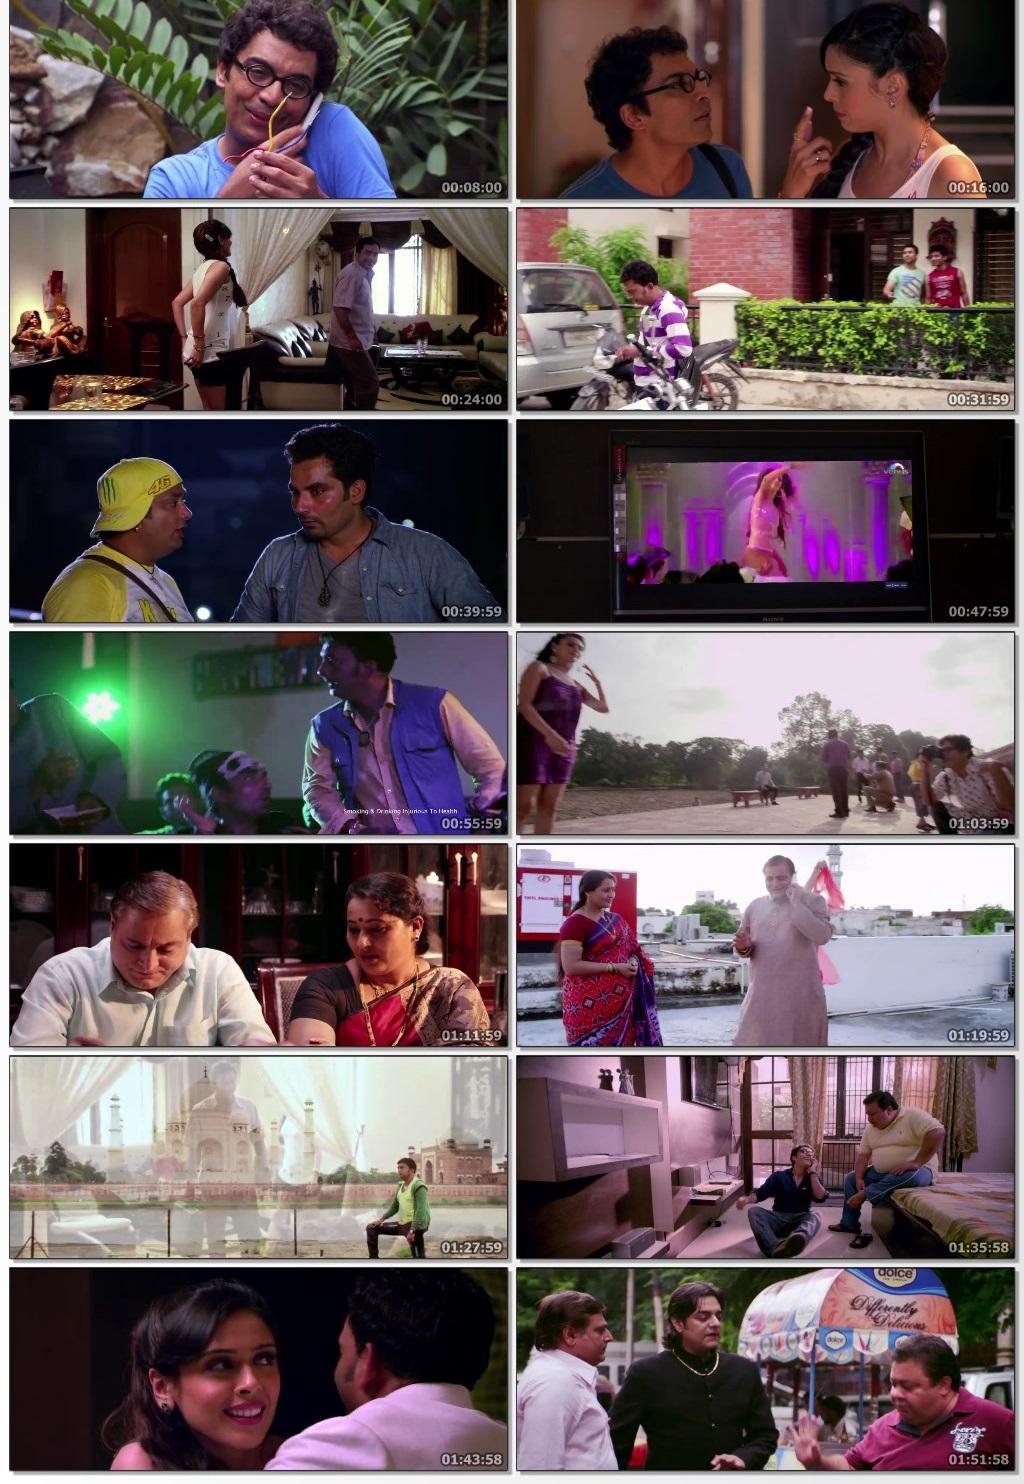 Prakash-Electronic-2017-www-9kmovies-cards-Hindi-Movie-720p-MX-HDRip-800-MB-mkv-thumbs6983e16d727bc1